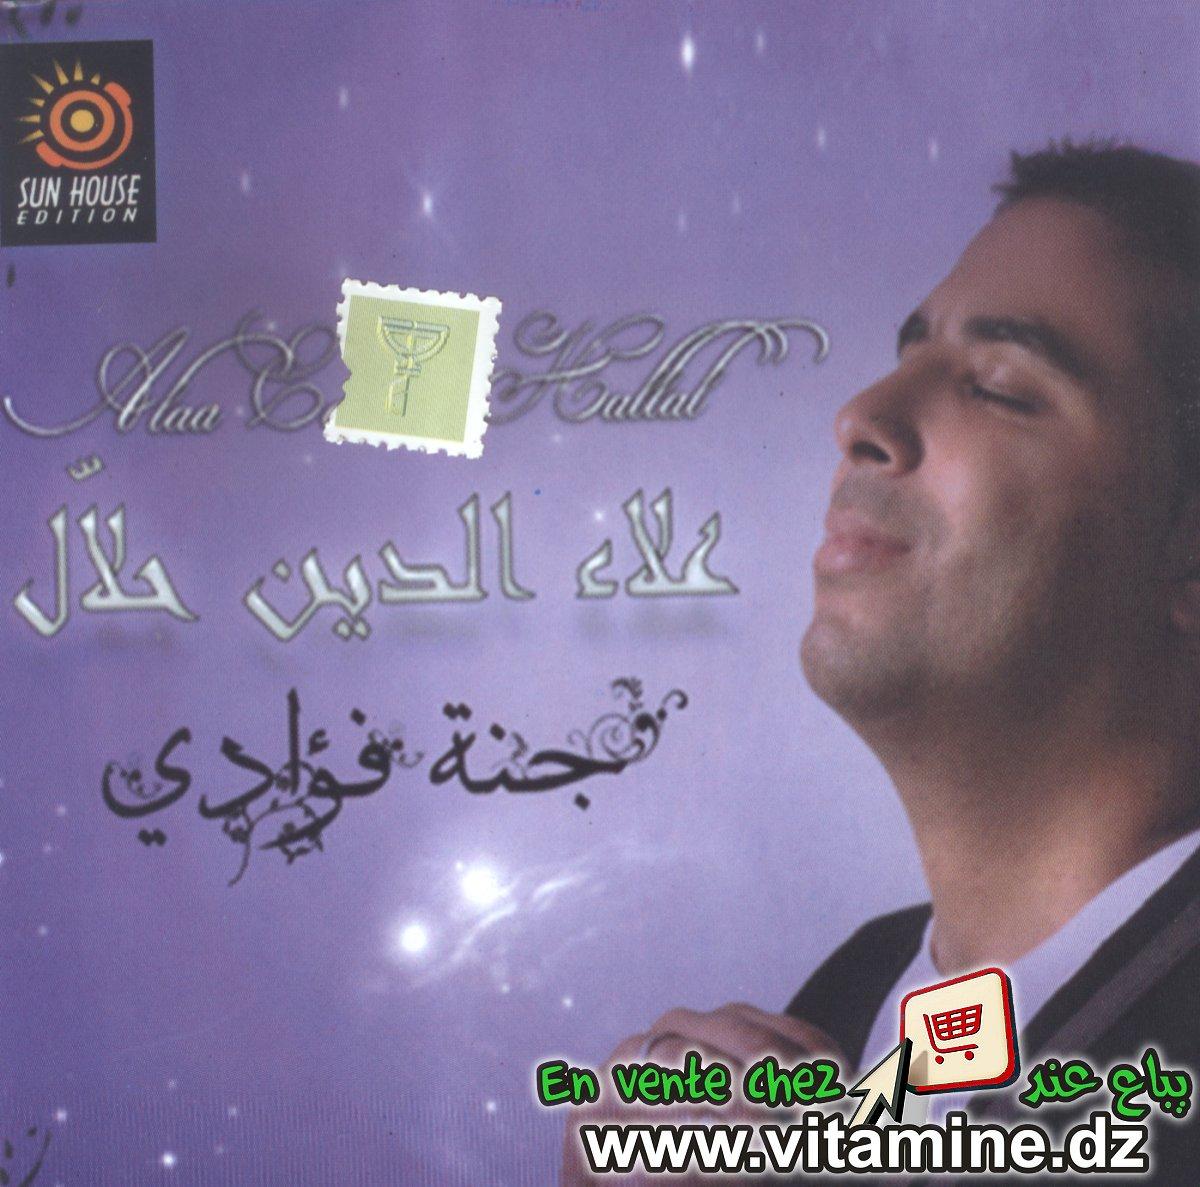 Alaa Eddine Hallal - Djanet Fouadi